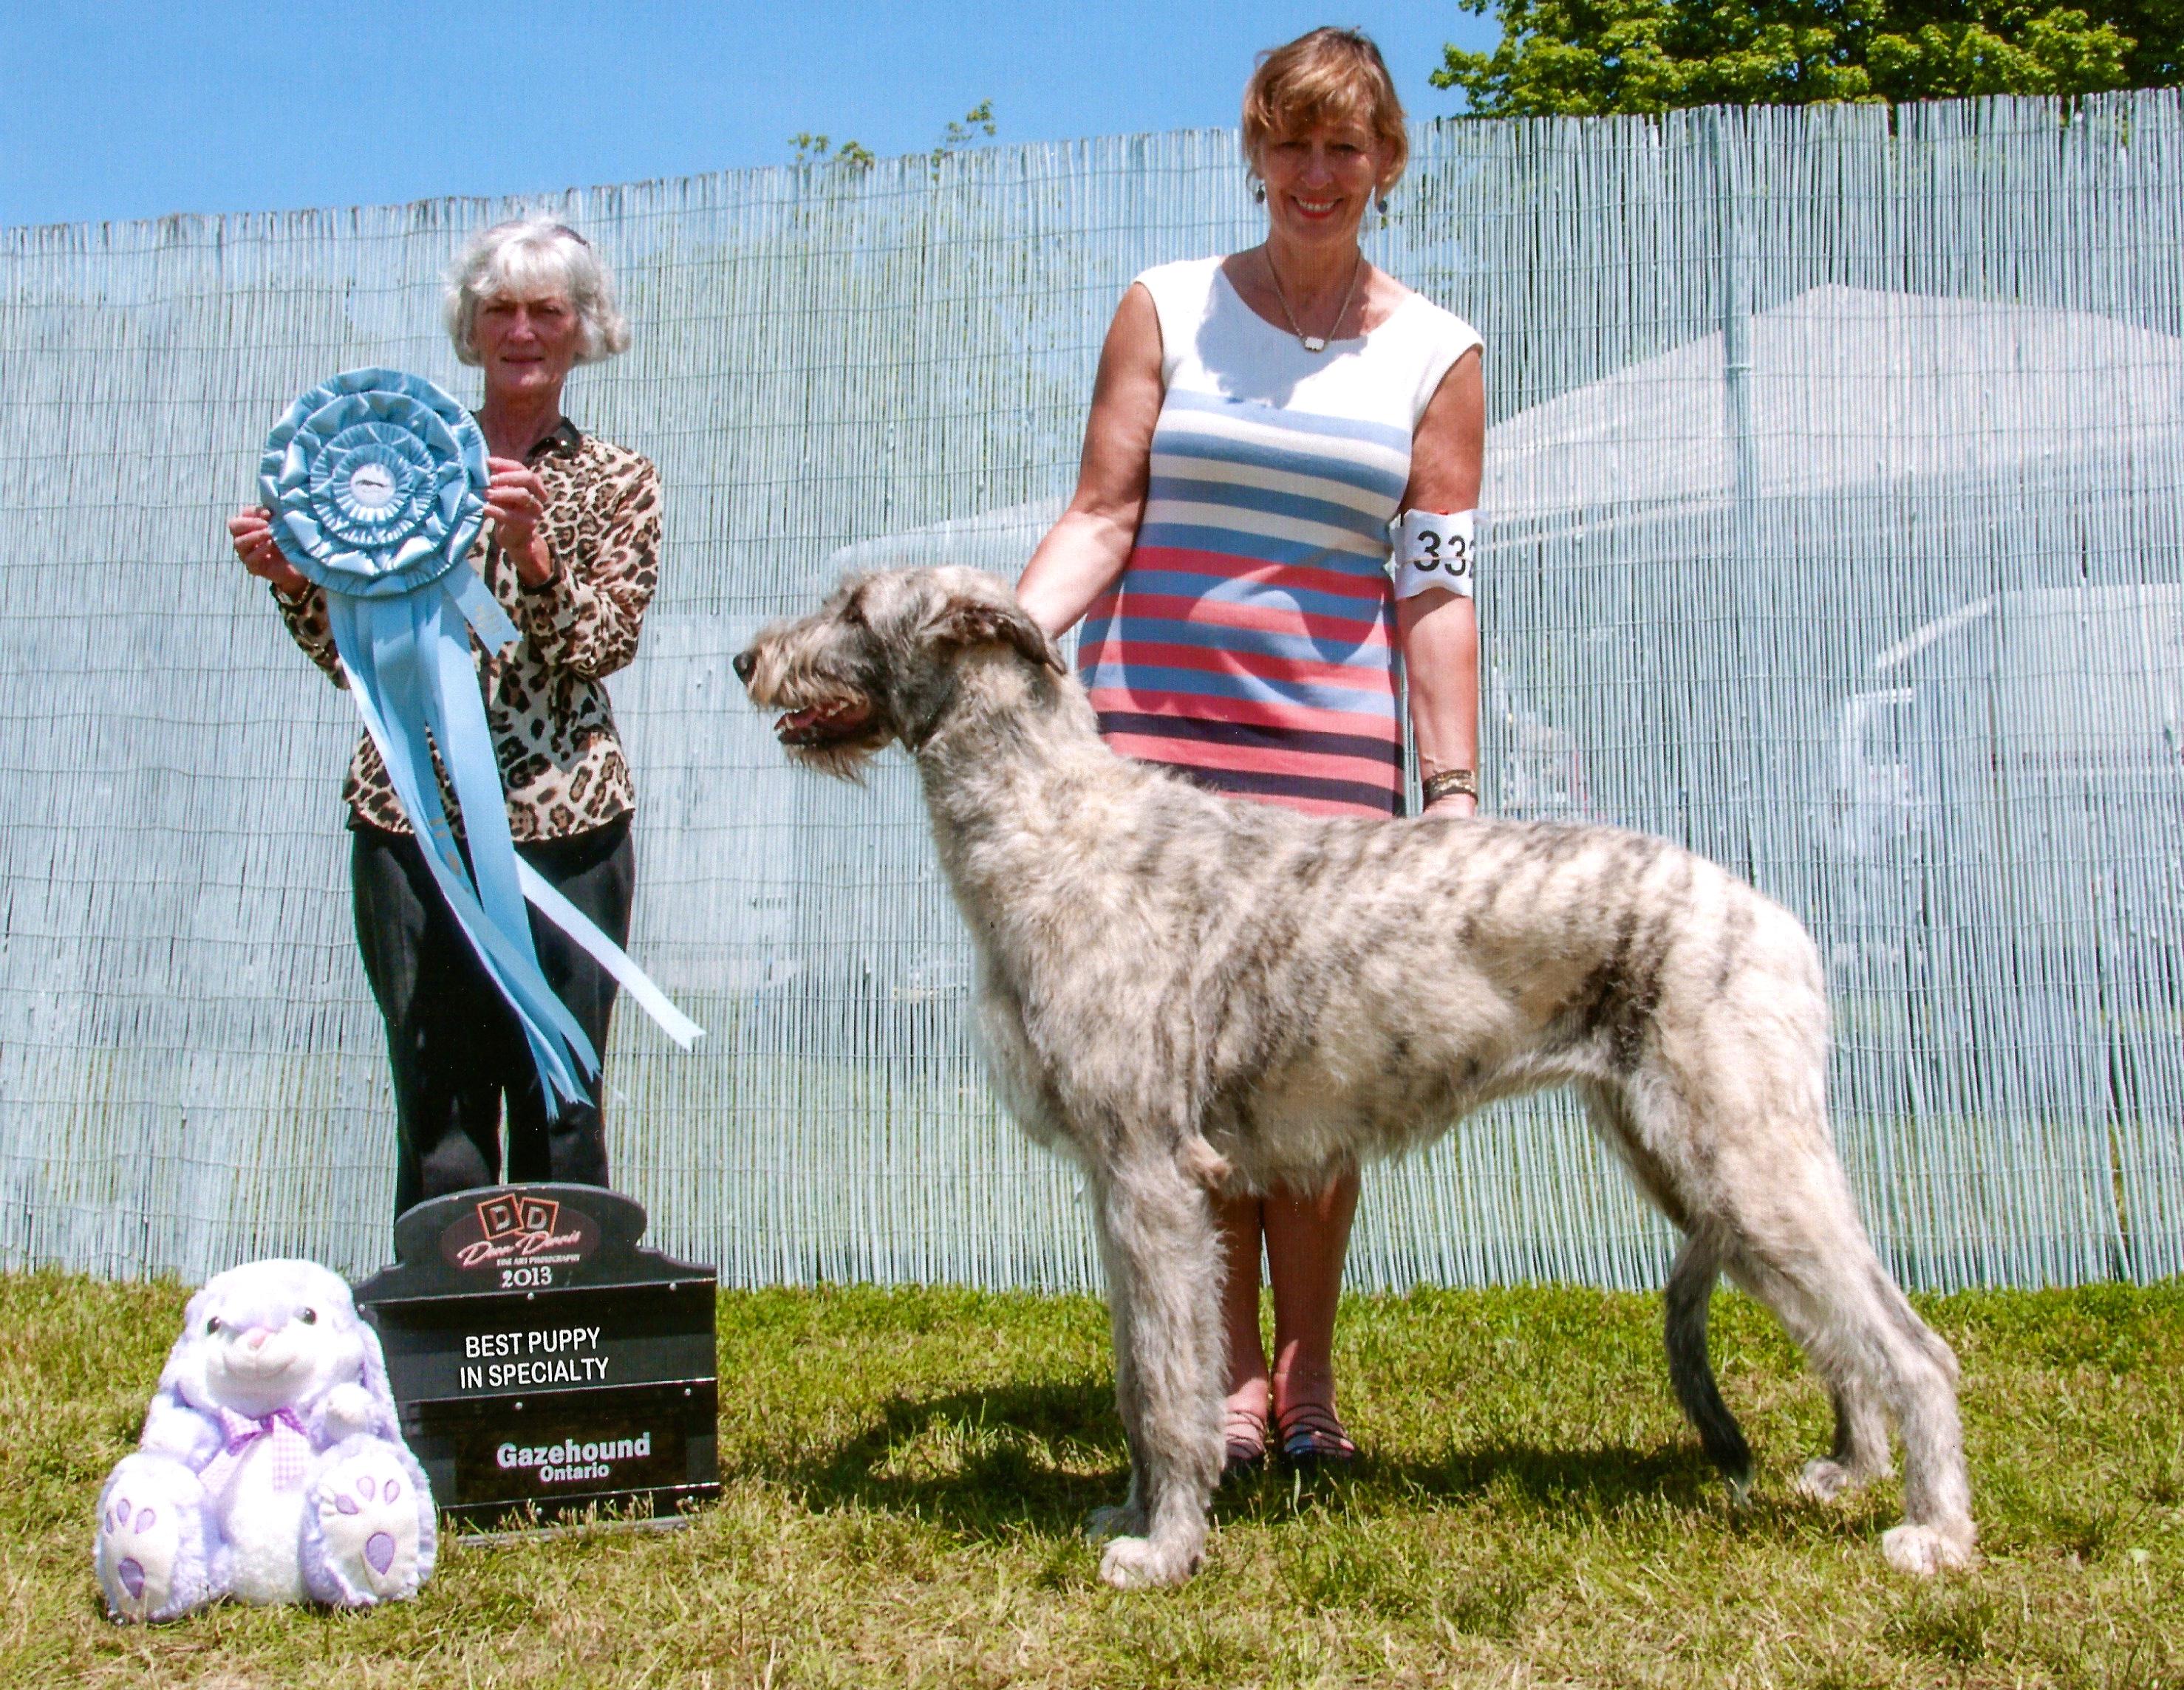 Ontario Gazehound 2013